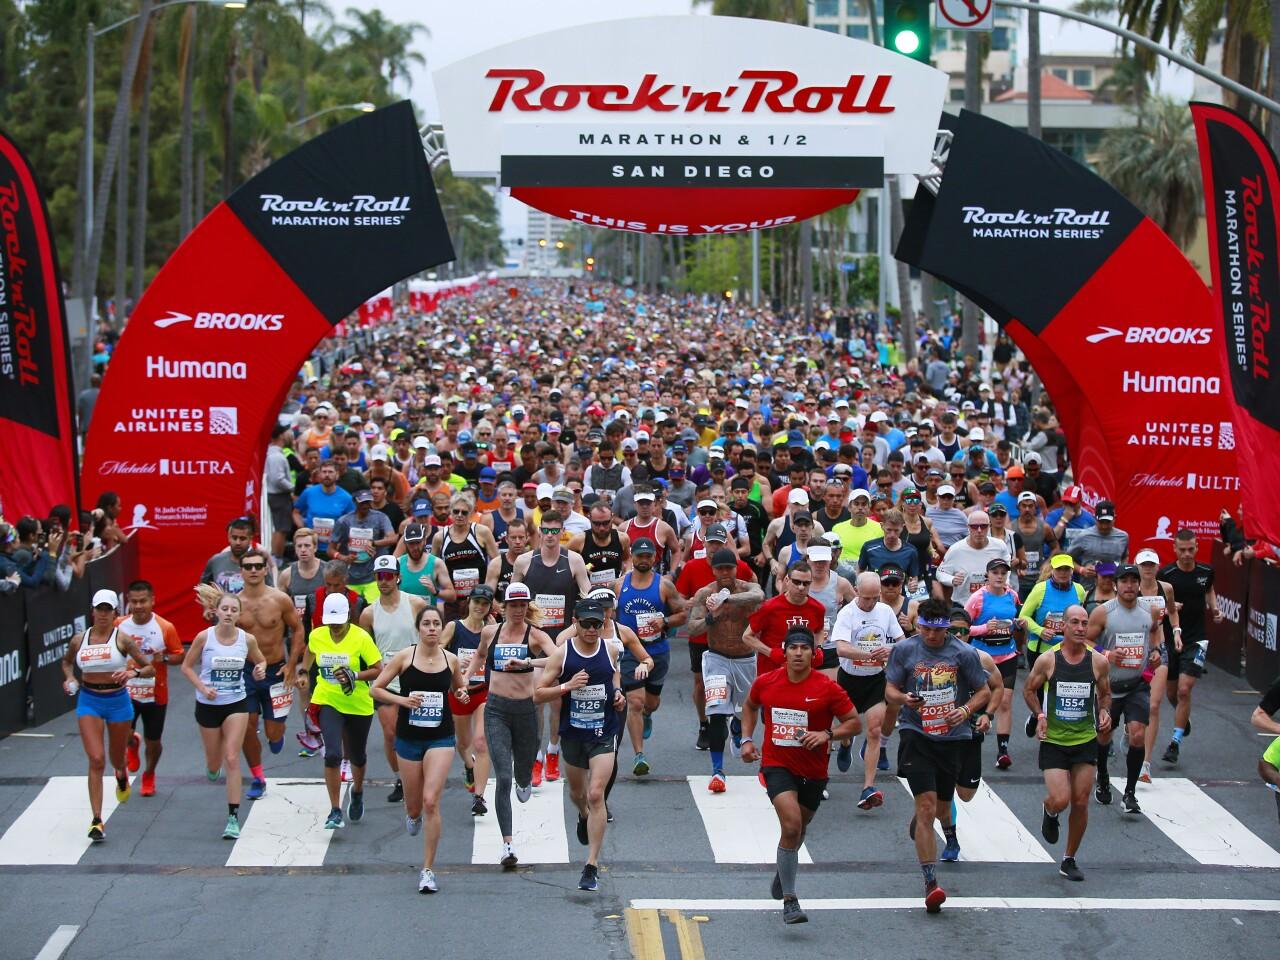 Rock n Roll Marathon 2019